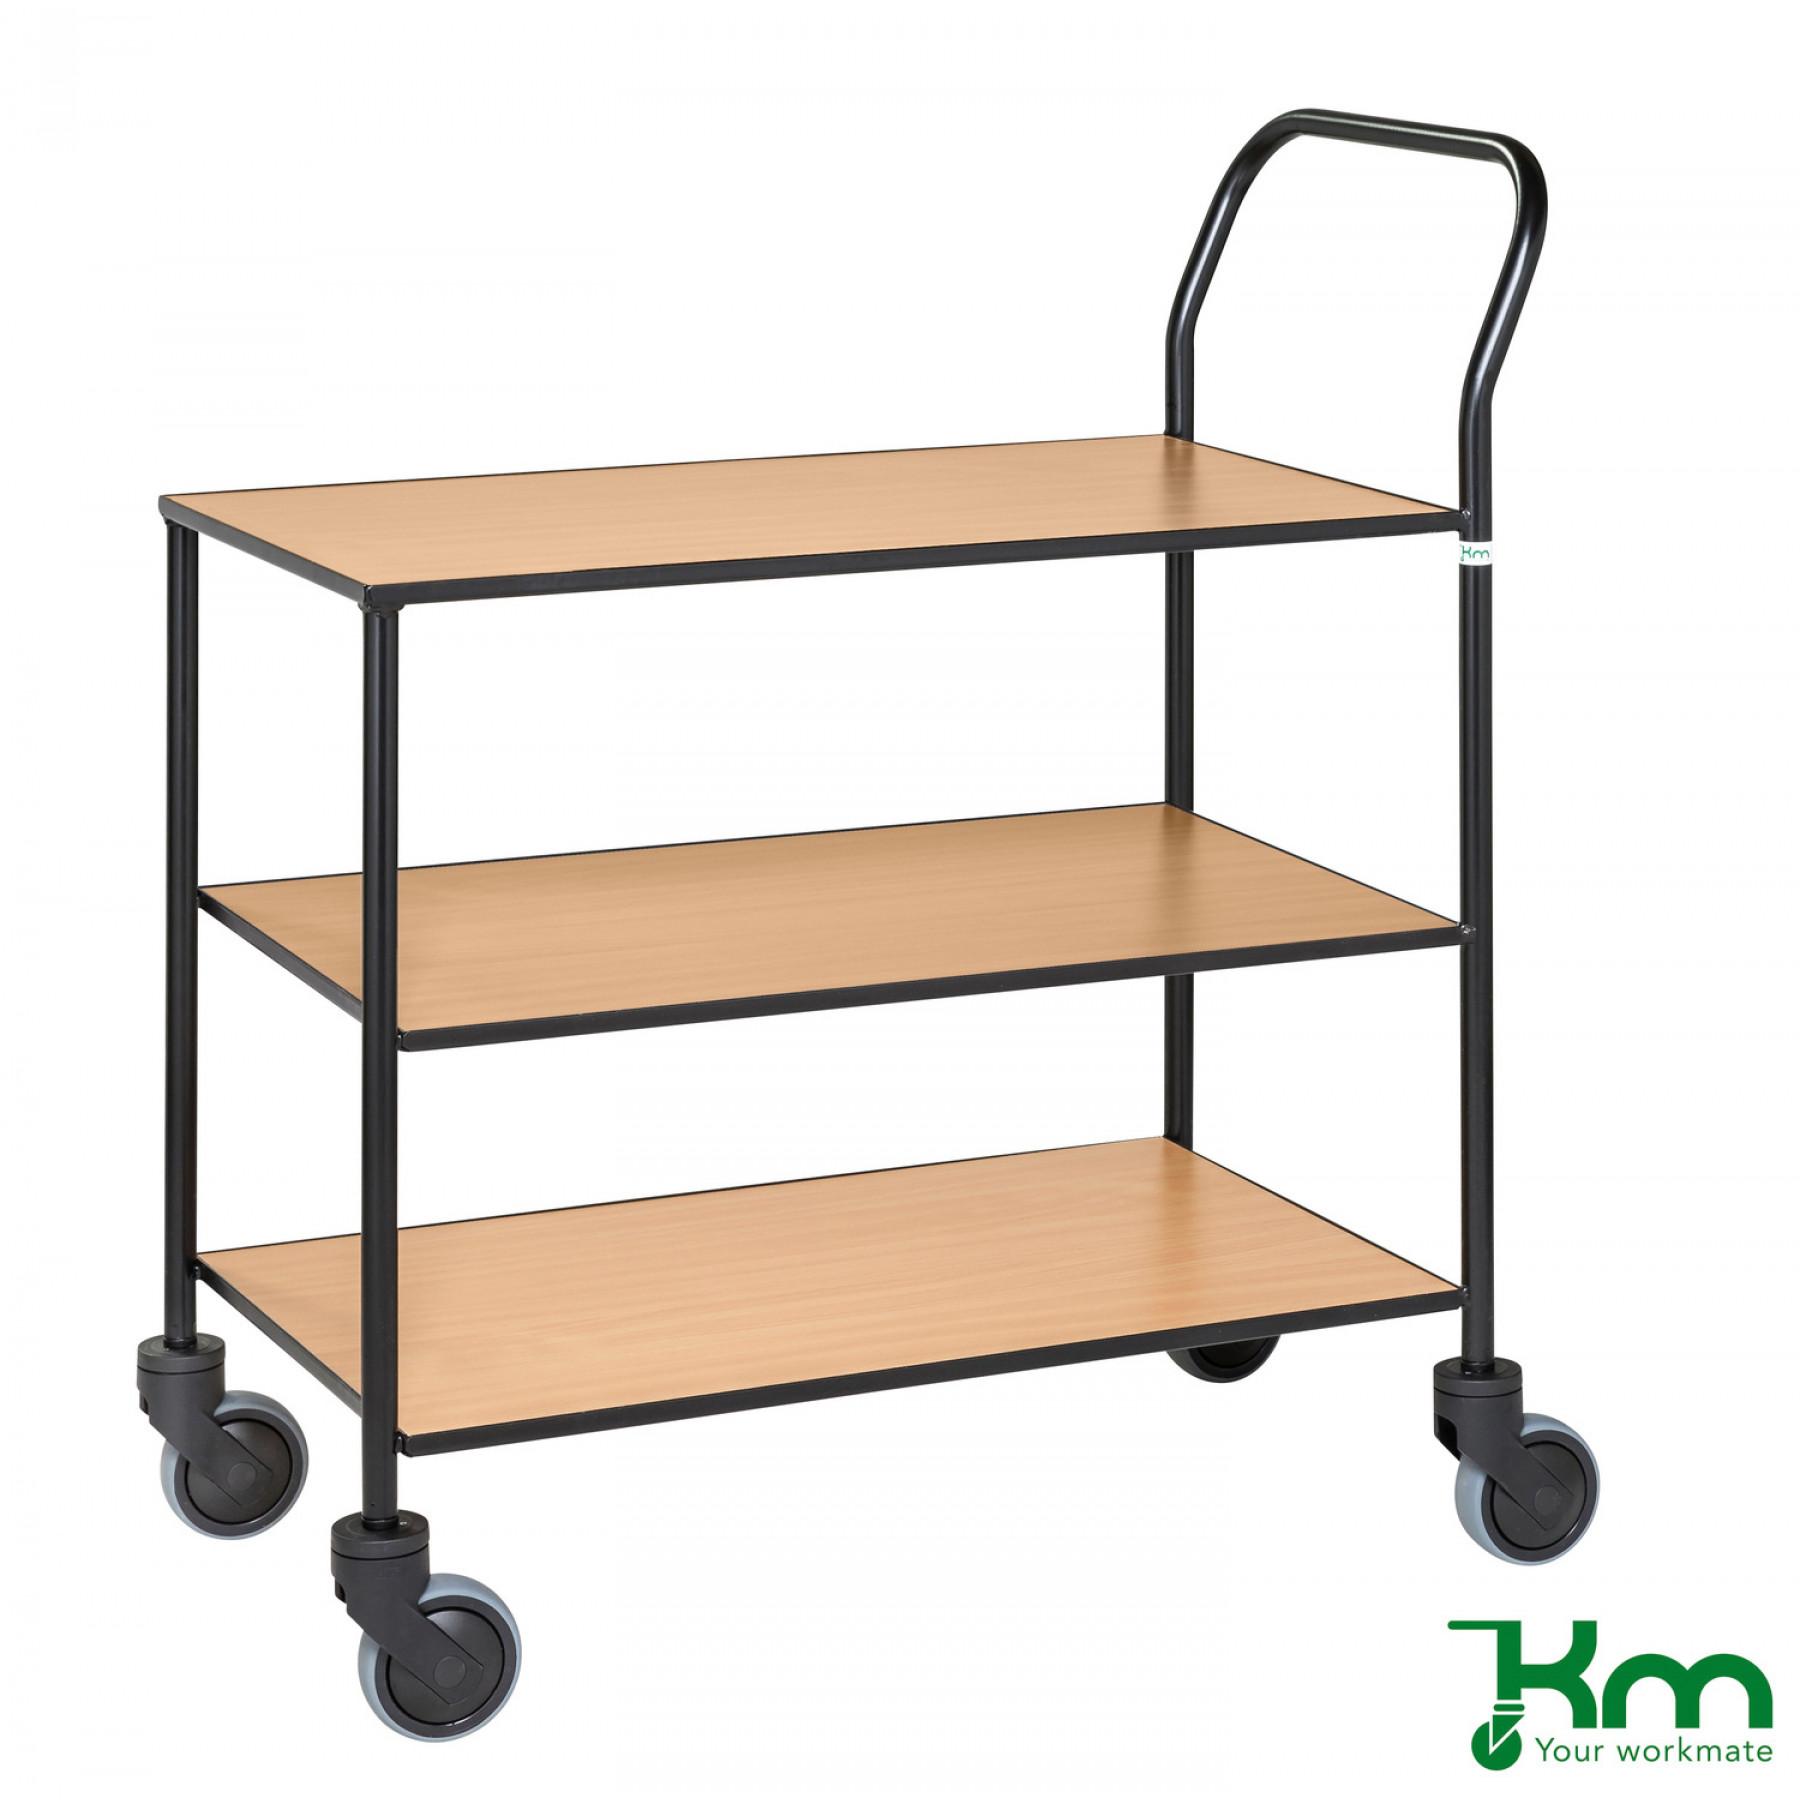 Design tafelwagen met beukenstructuur toplaag, KM 873-BO